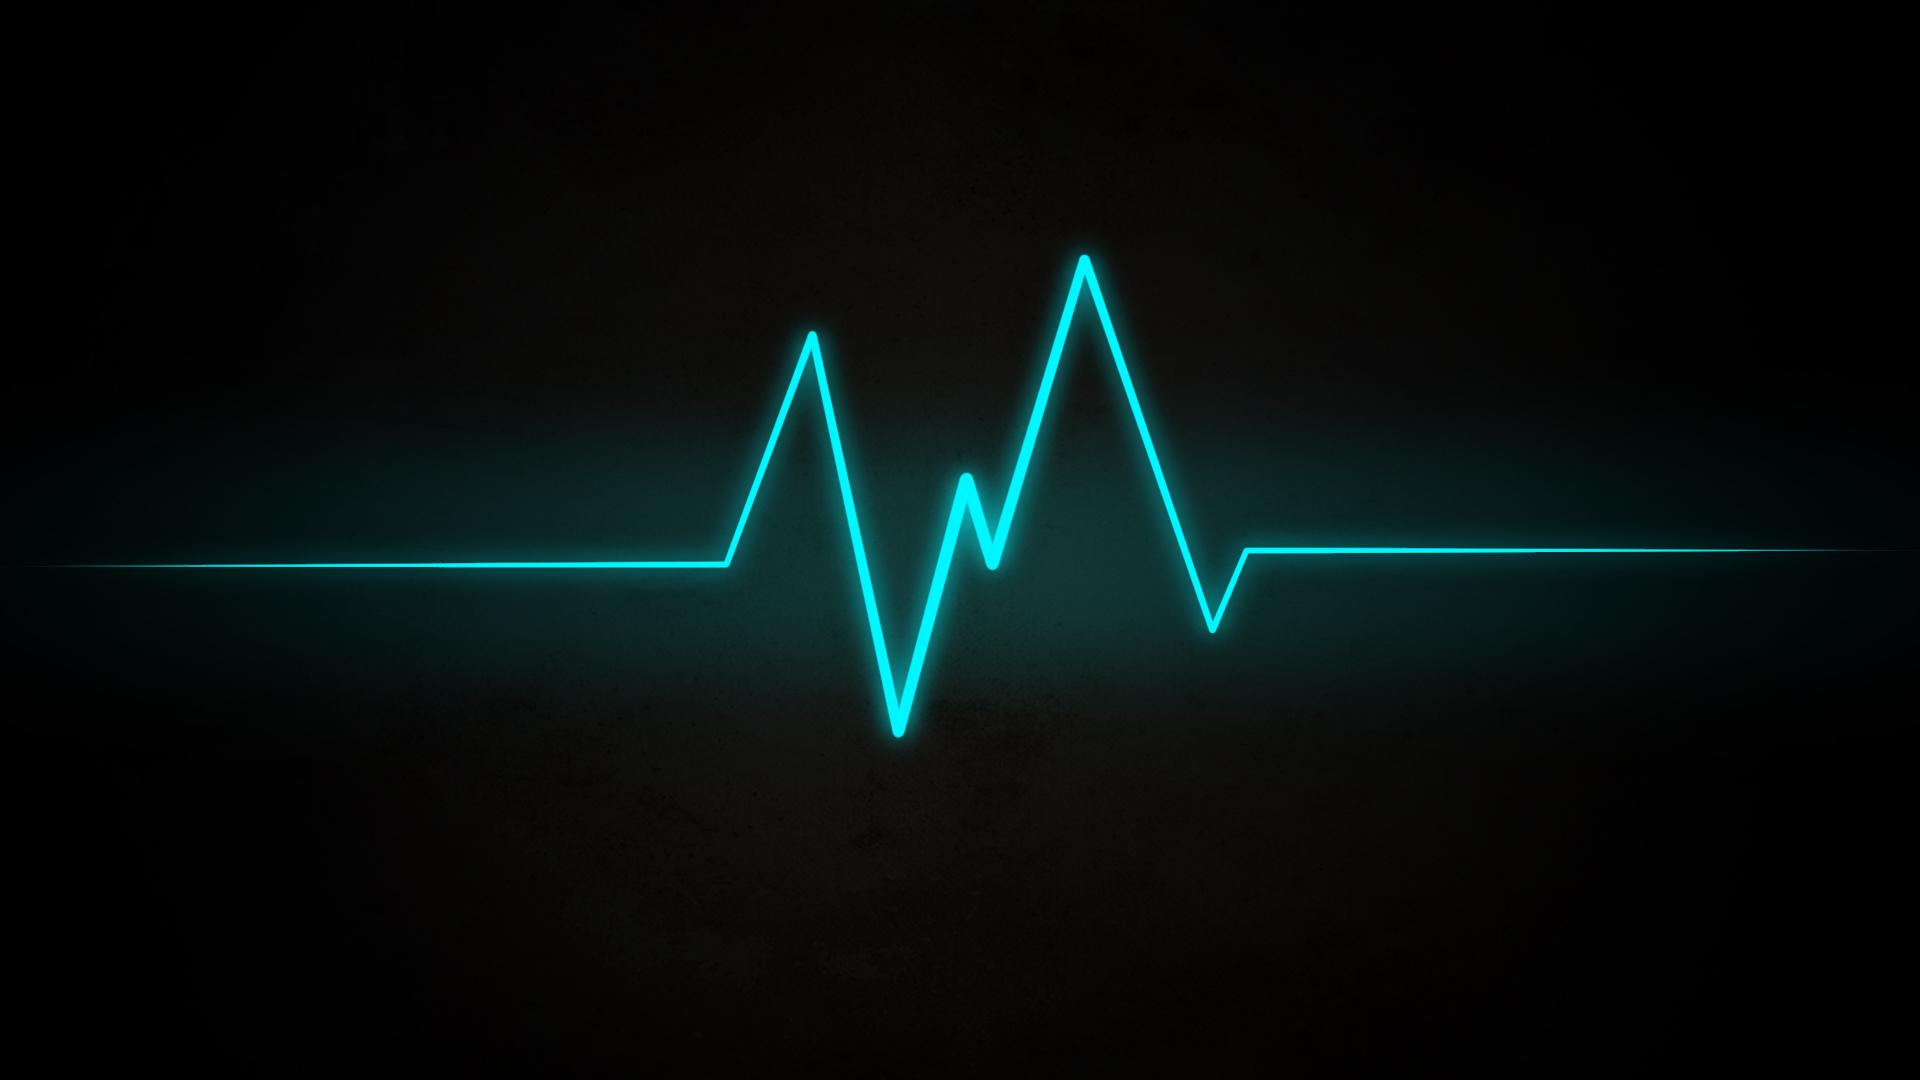 Heartbeat wave wallpaper   222193 1920x1080